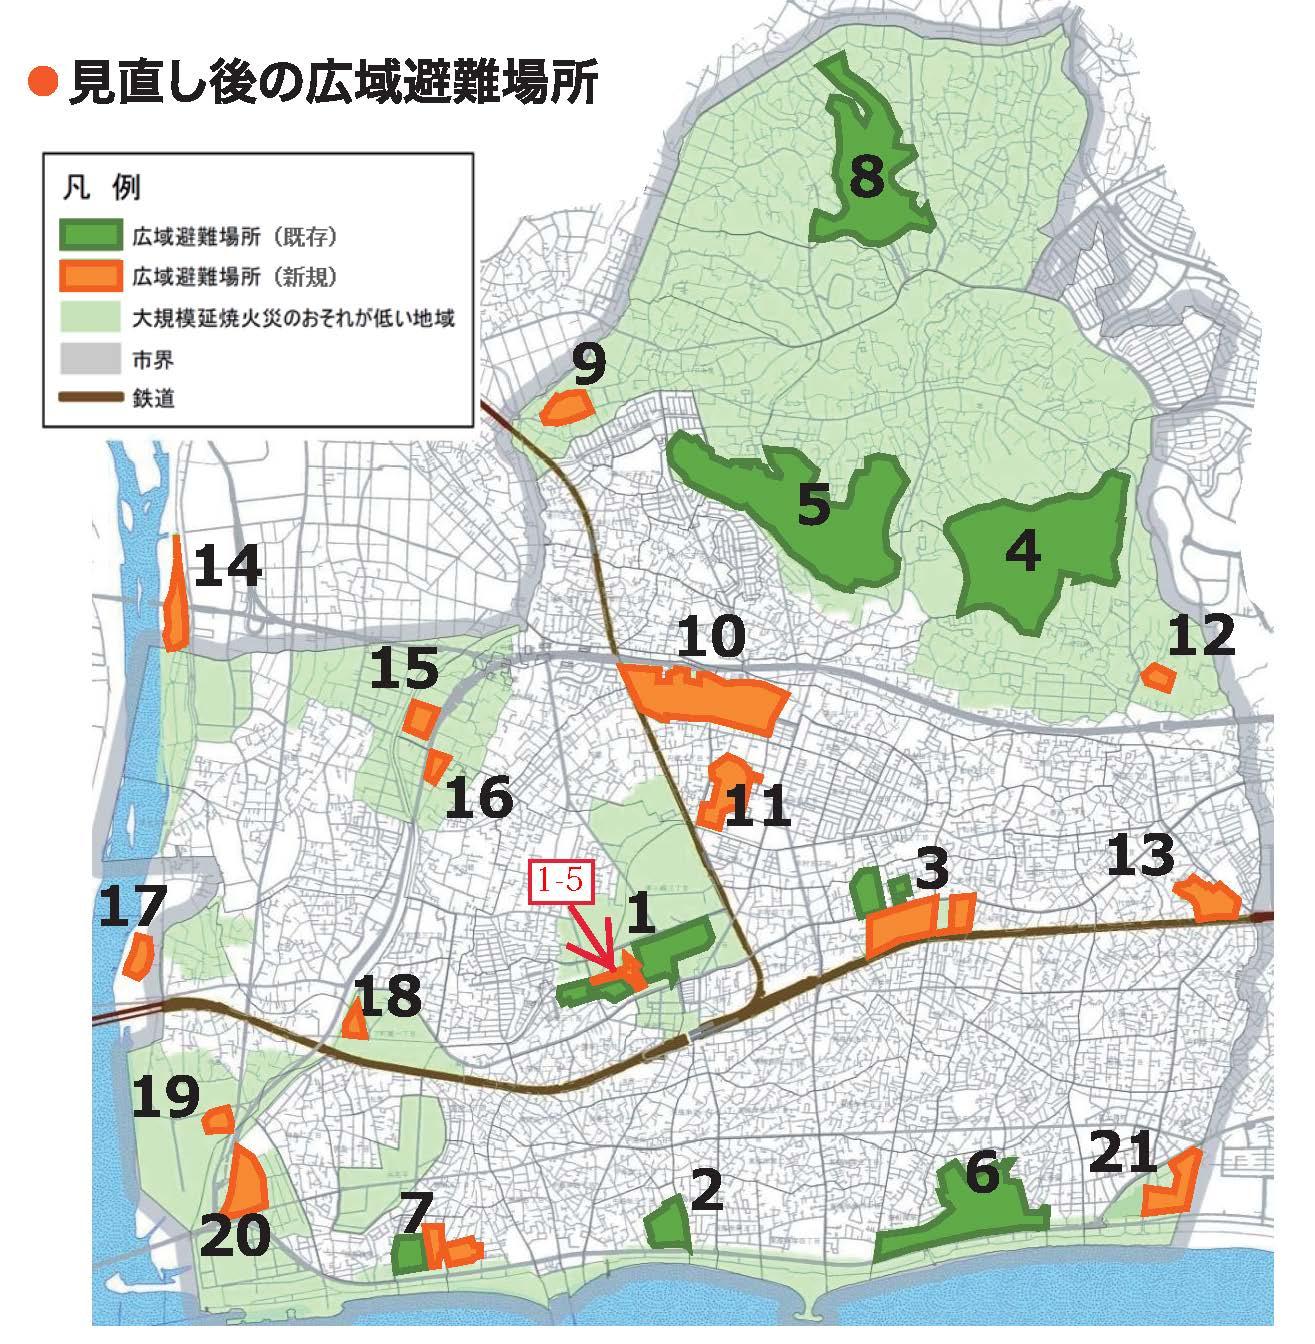 1.5.広域避難場所_茅ヶ崎市地図